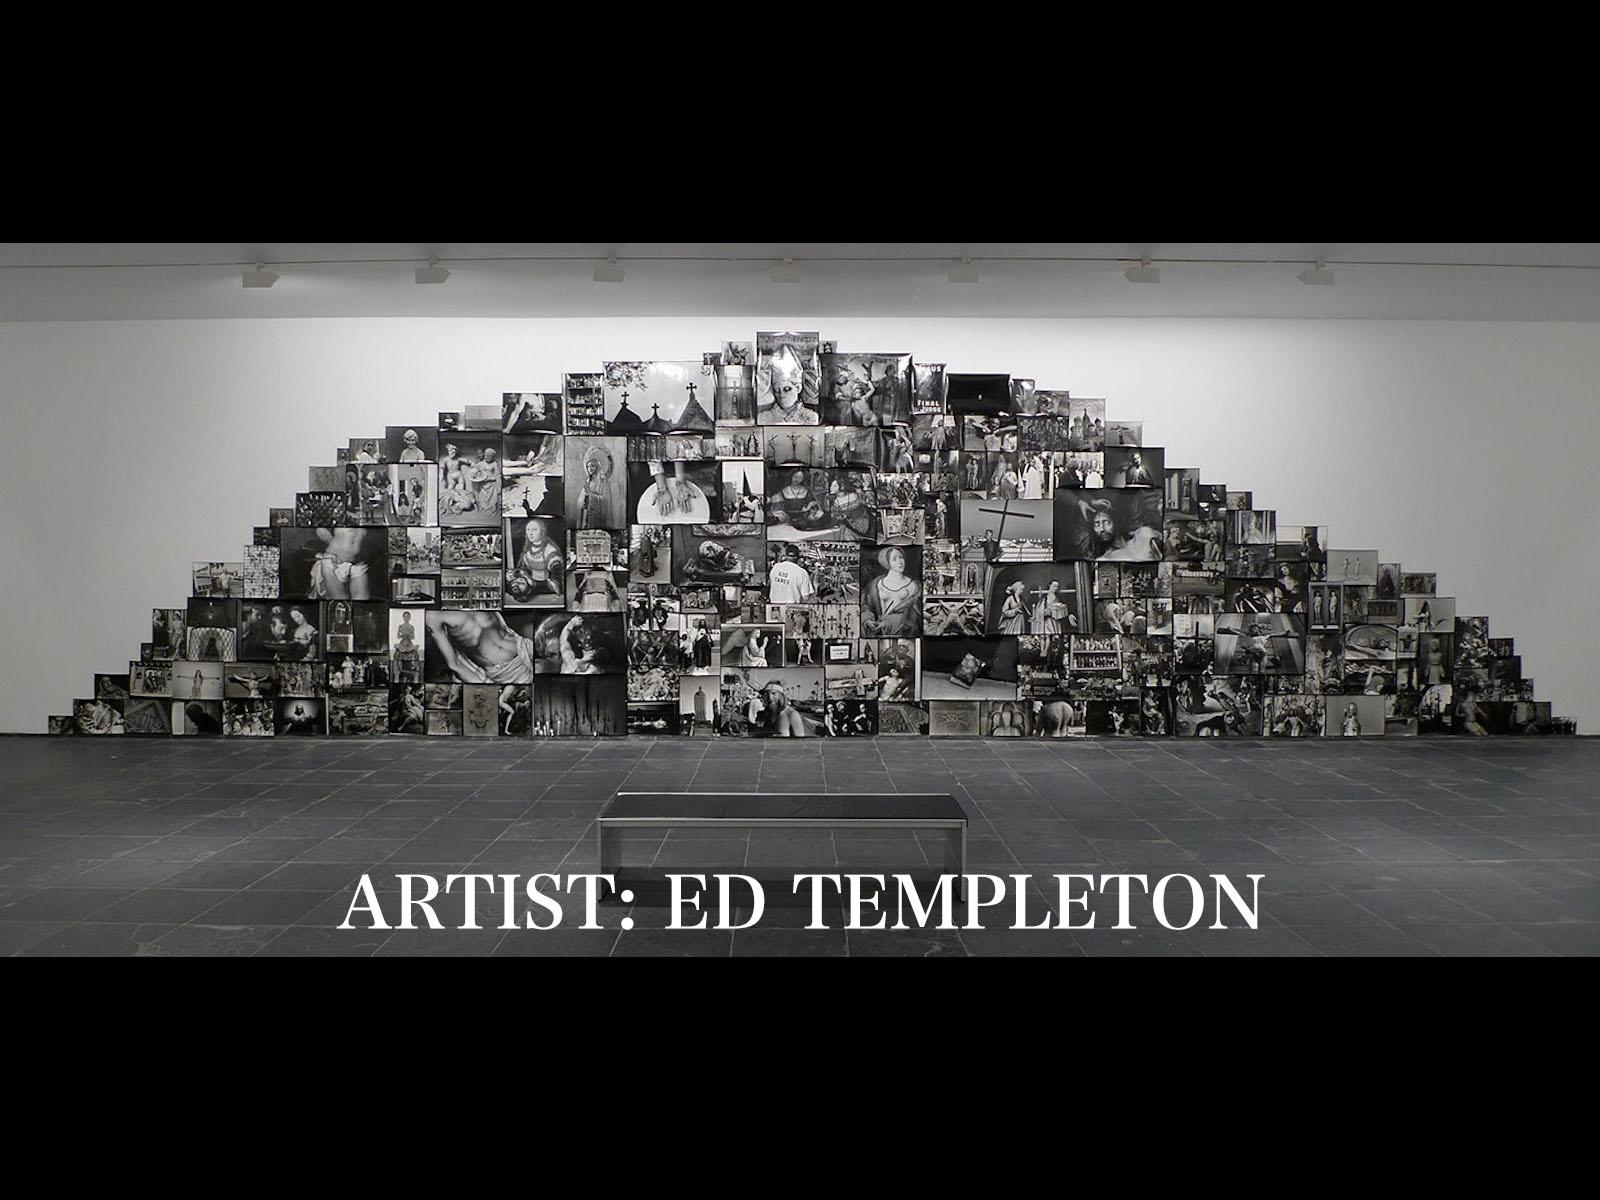 ARTIST : ED TEMPLETON